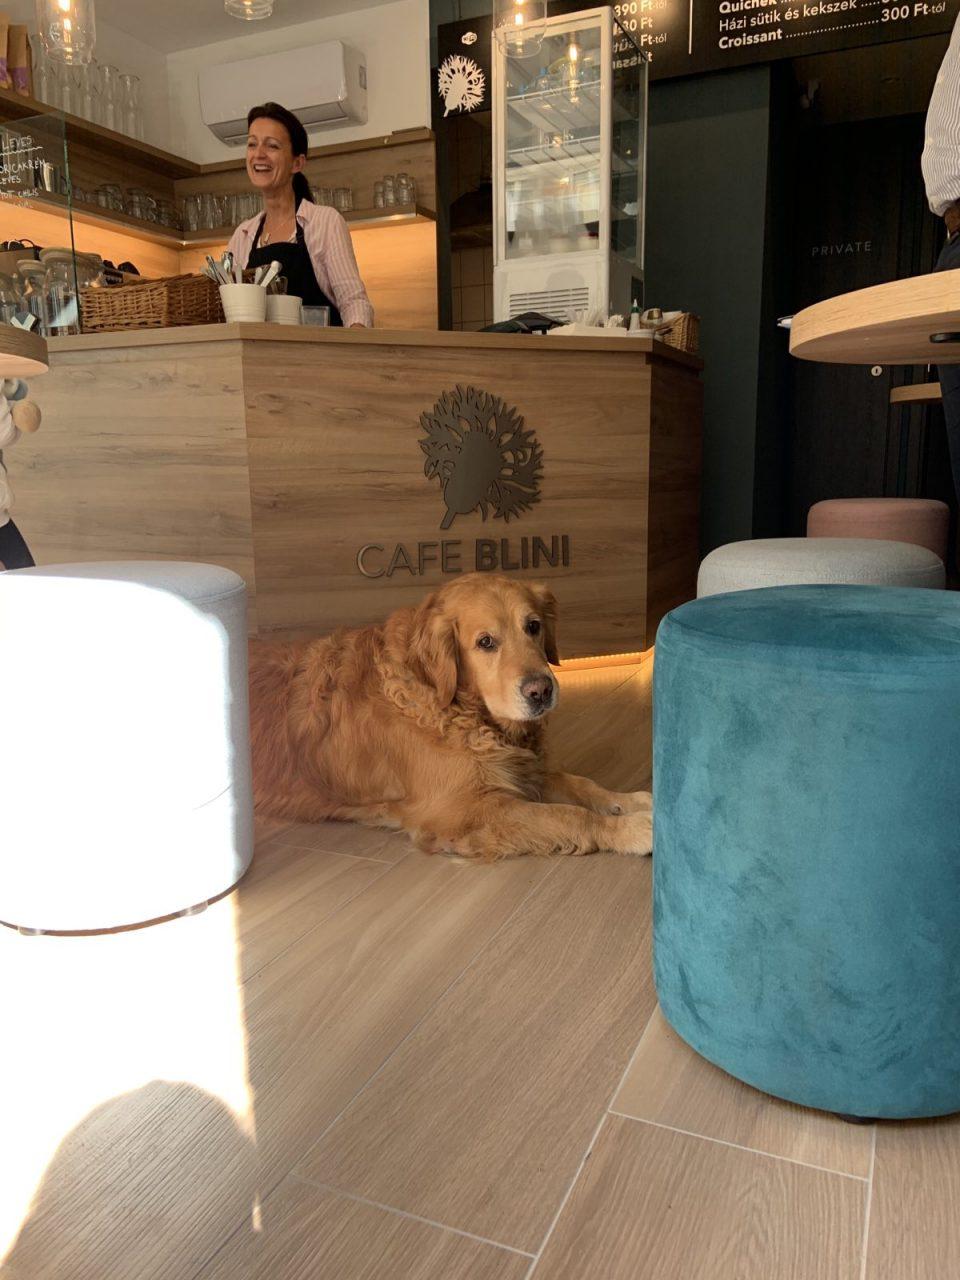 Cafe Blini